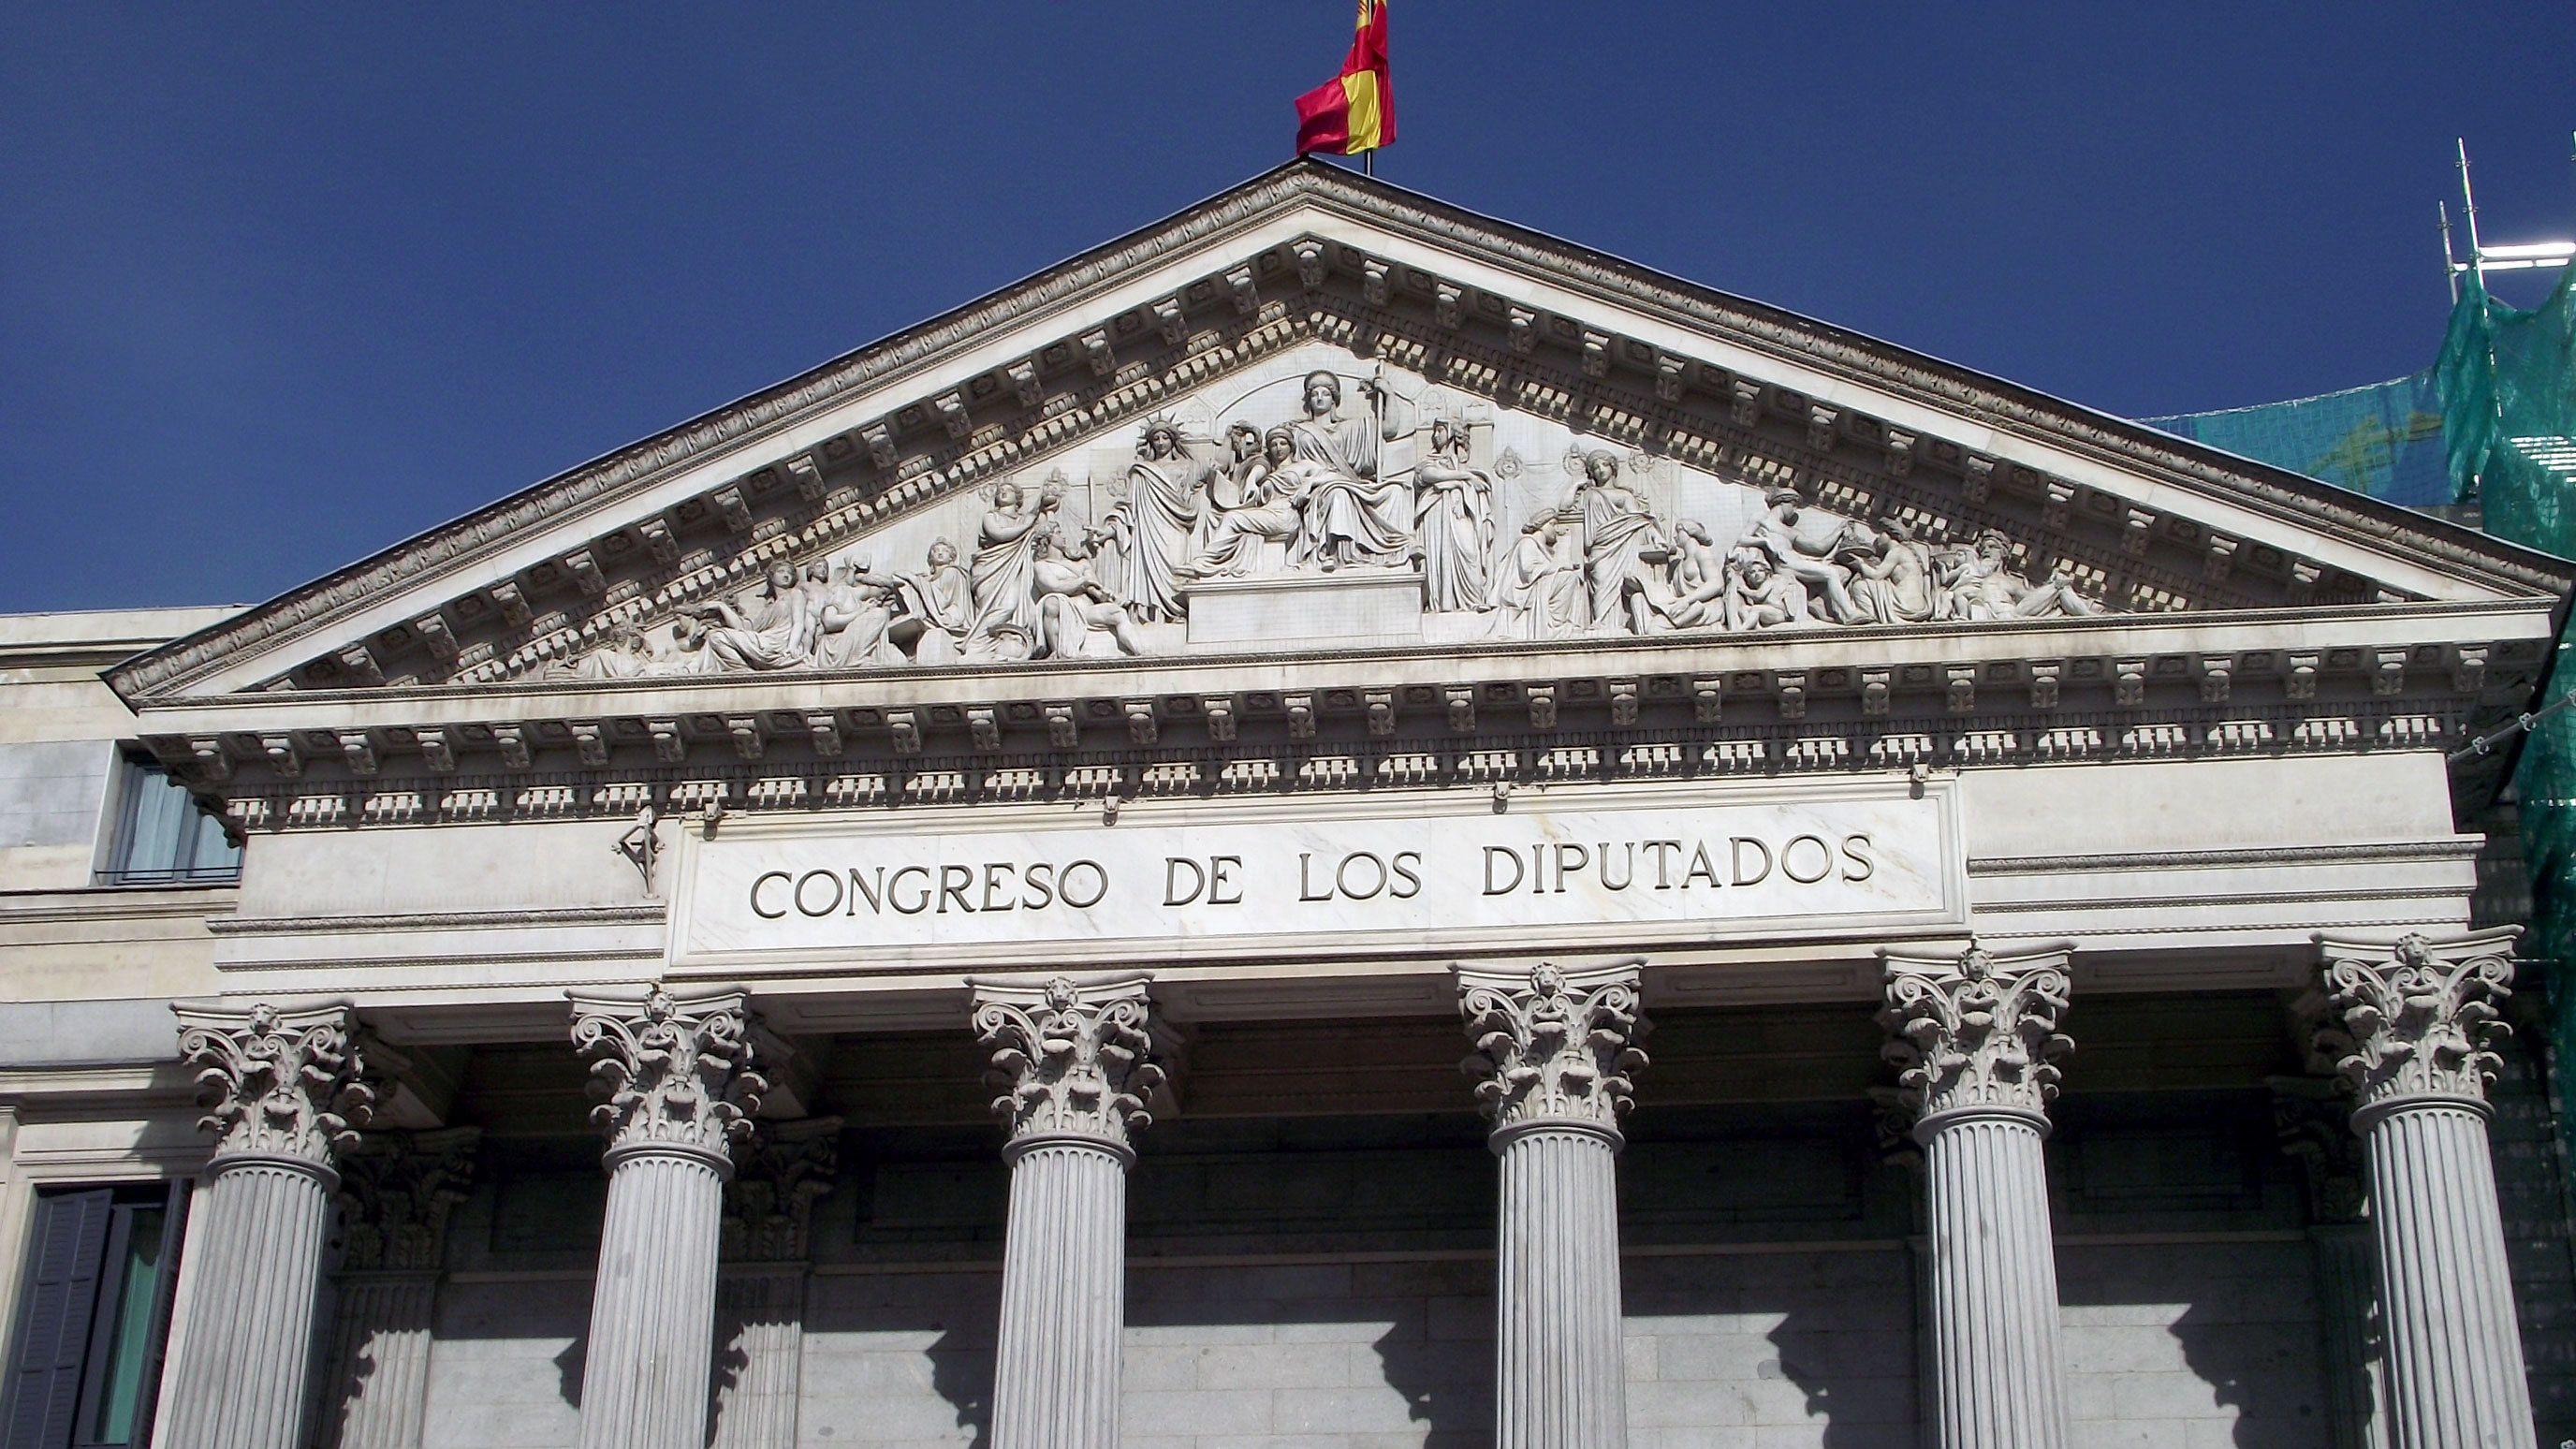 Close up view of the Congreso de los Diputados in Madrid